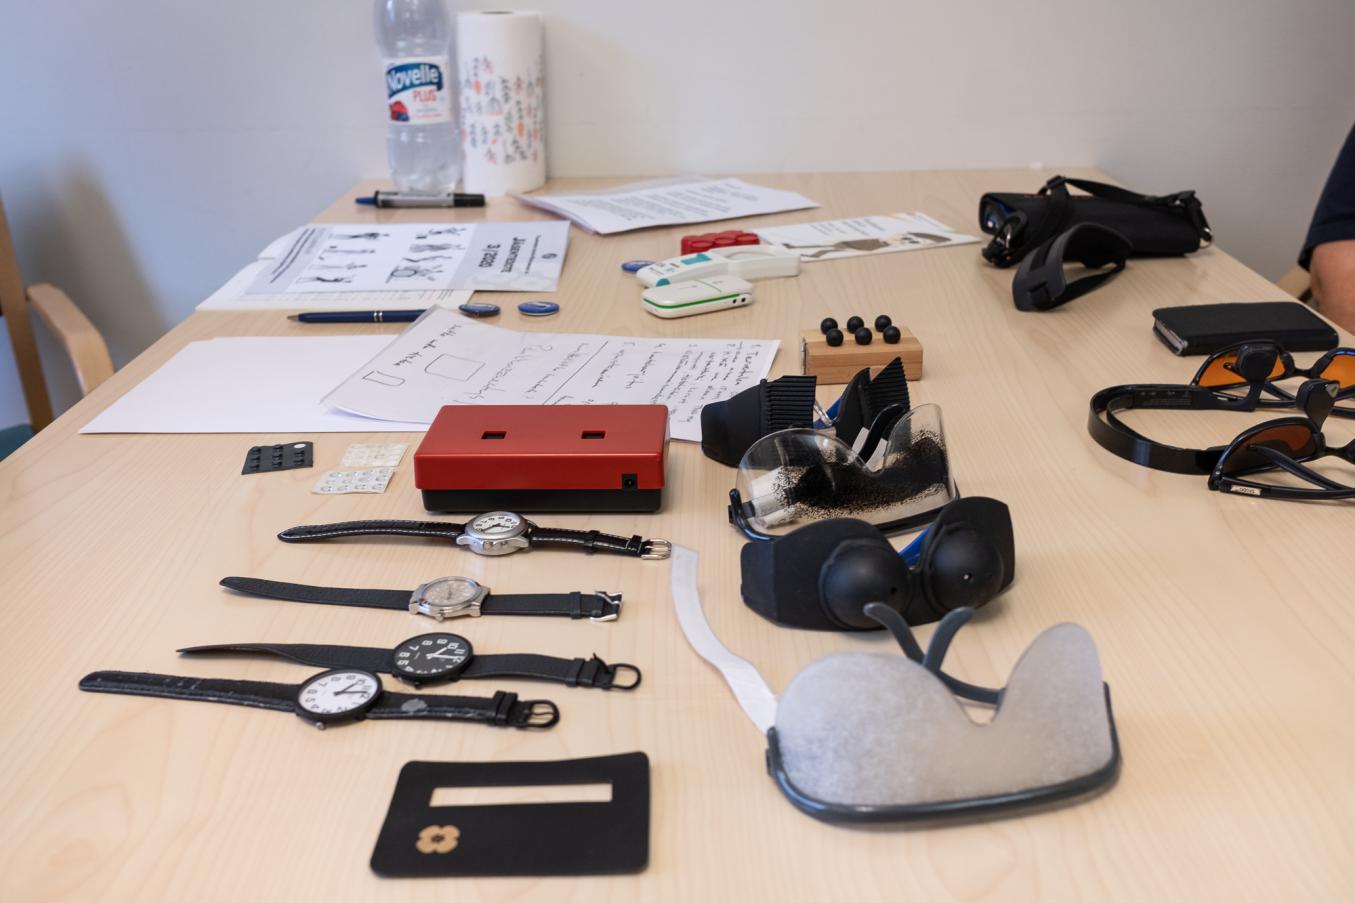 Pöydällä erilaisia rannekelloja, apuvälinelaseja ja muita tarvikkeita kokemuskoulutustilannetta varten.